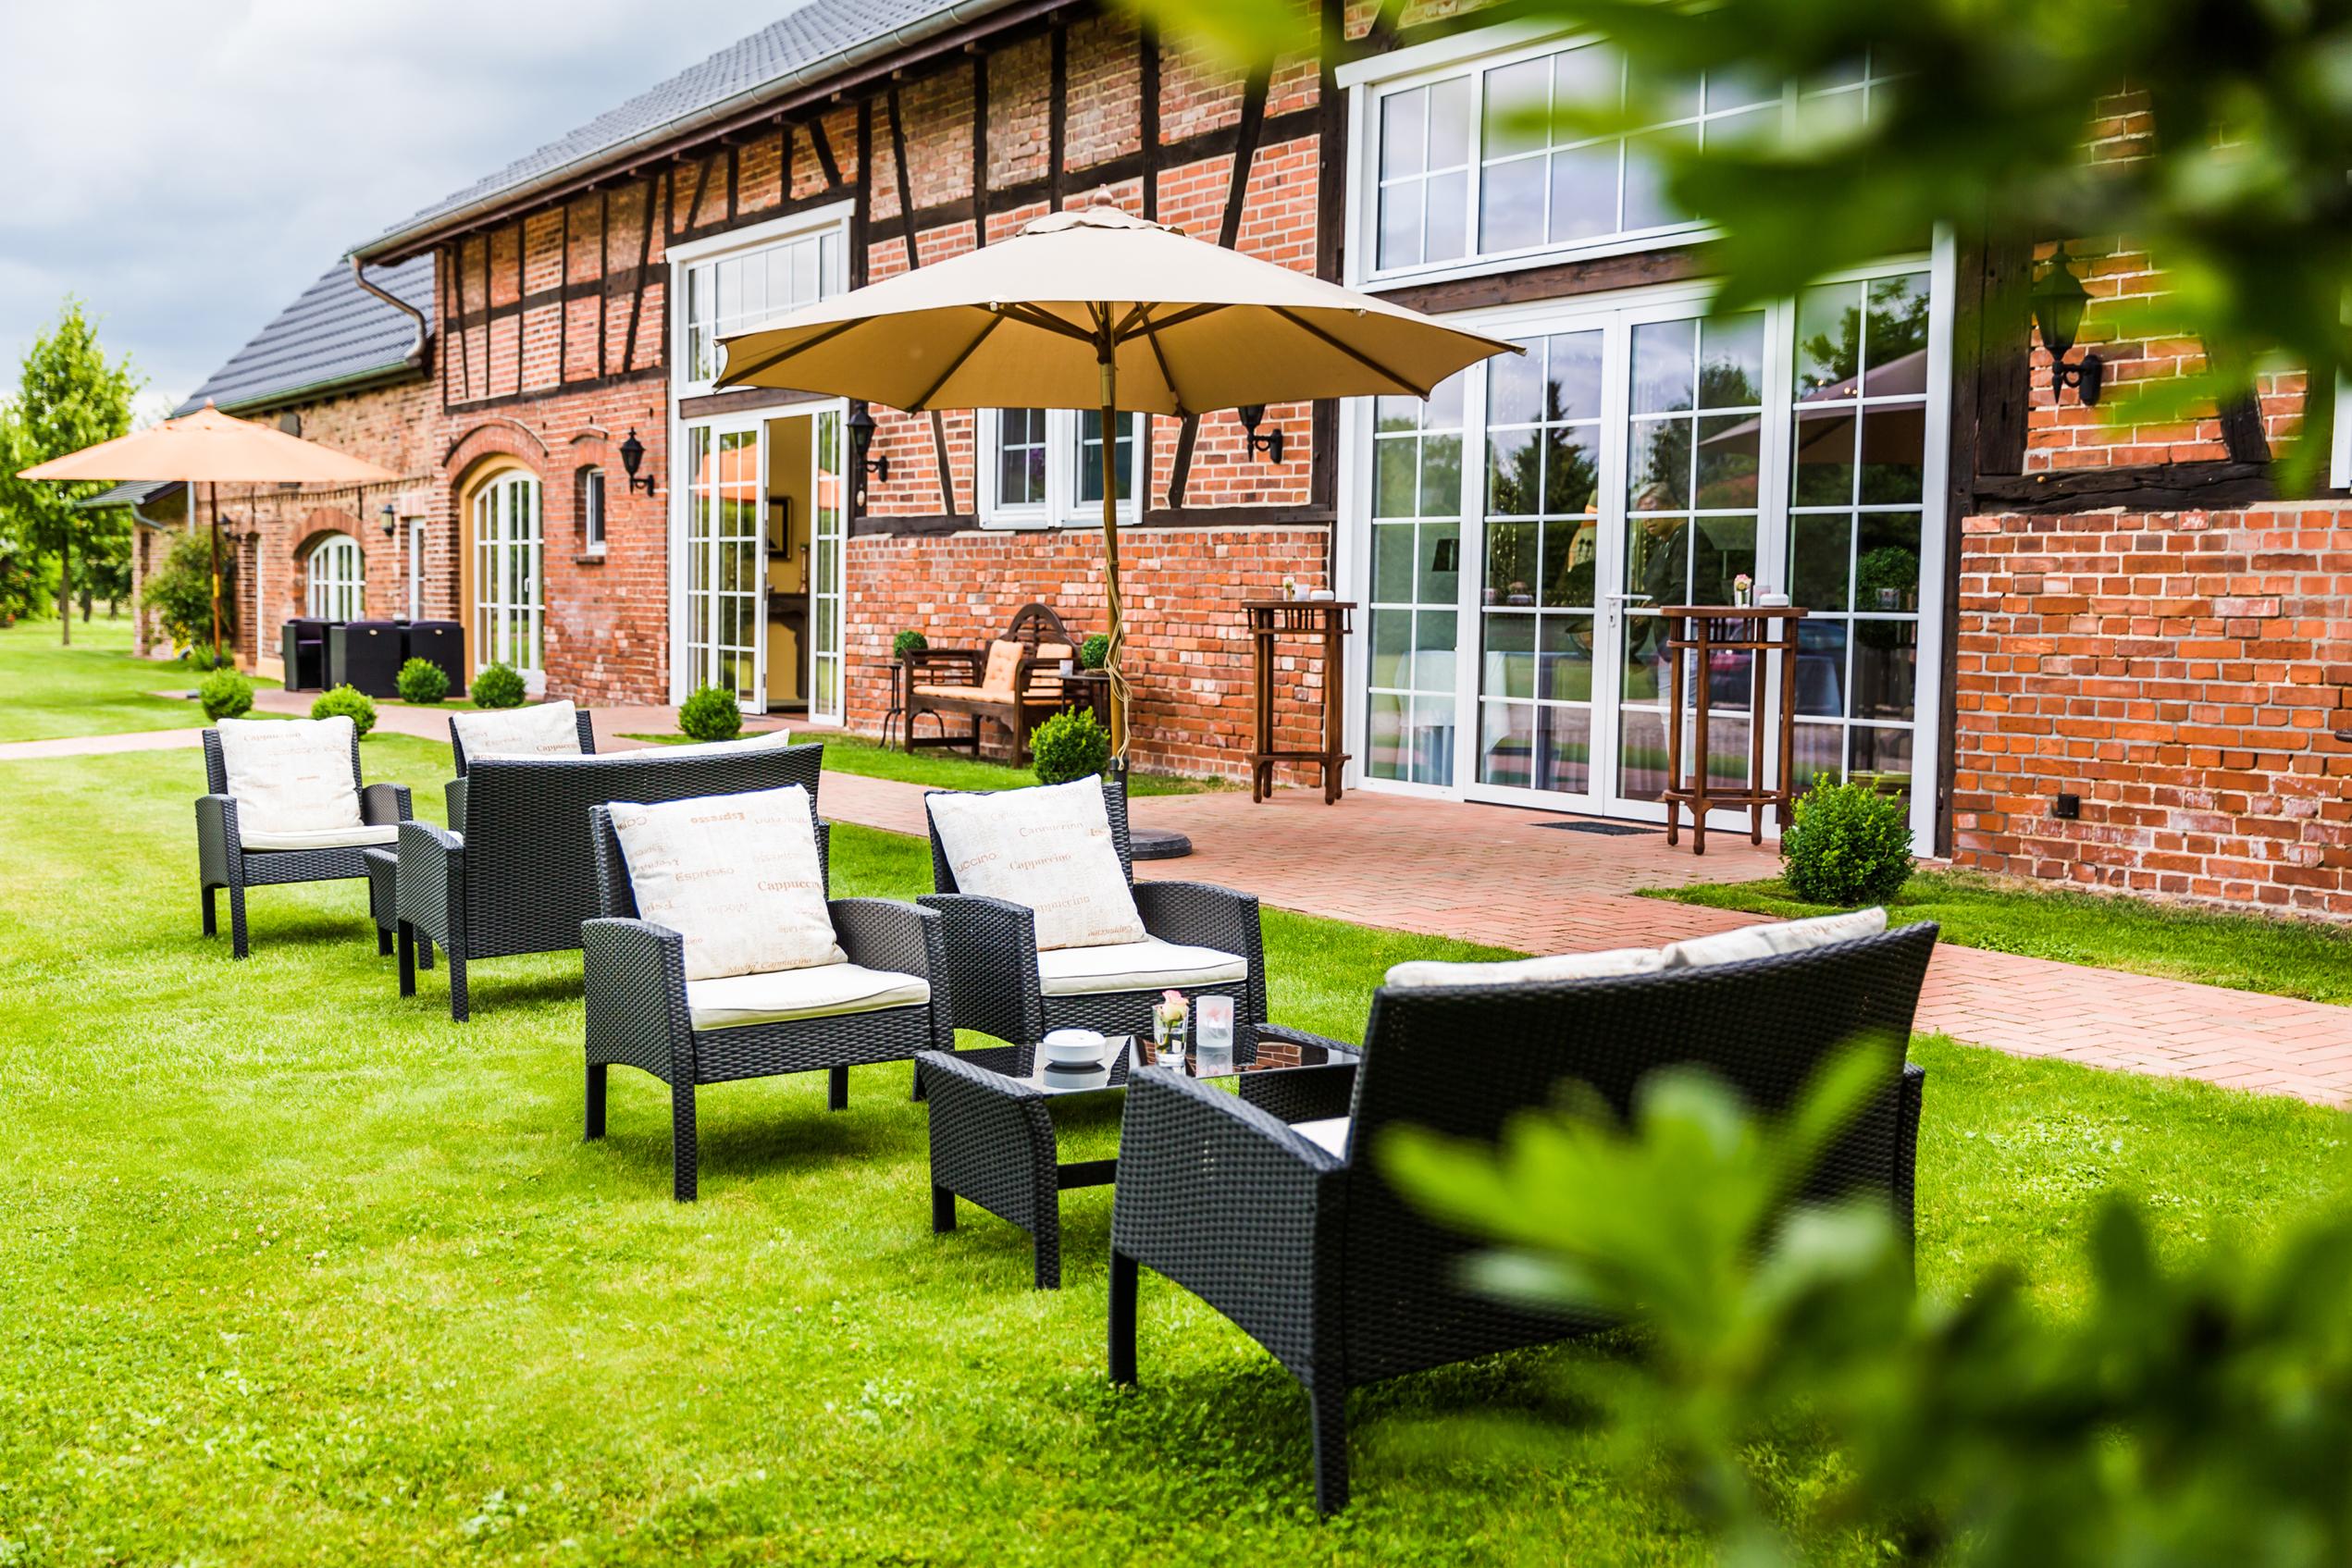 Landhaus-Suekow-Haus-09 Kopie